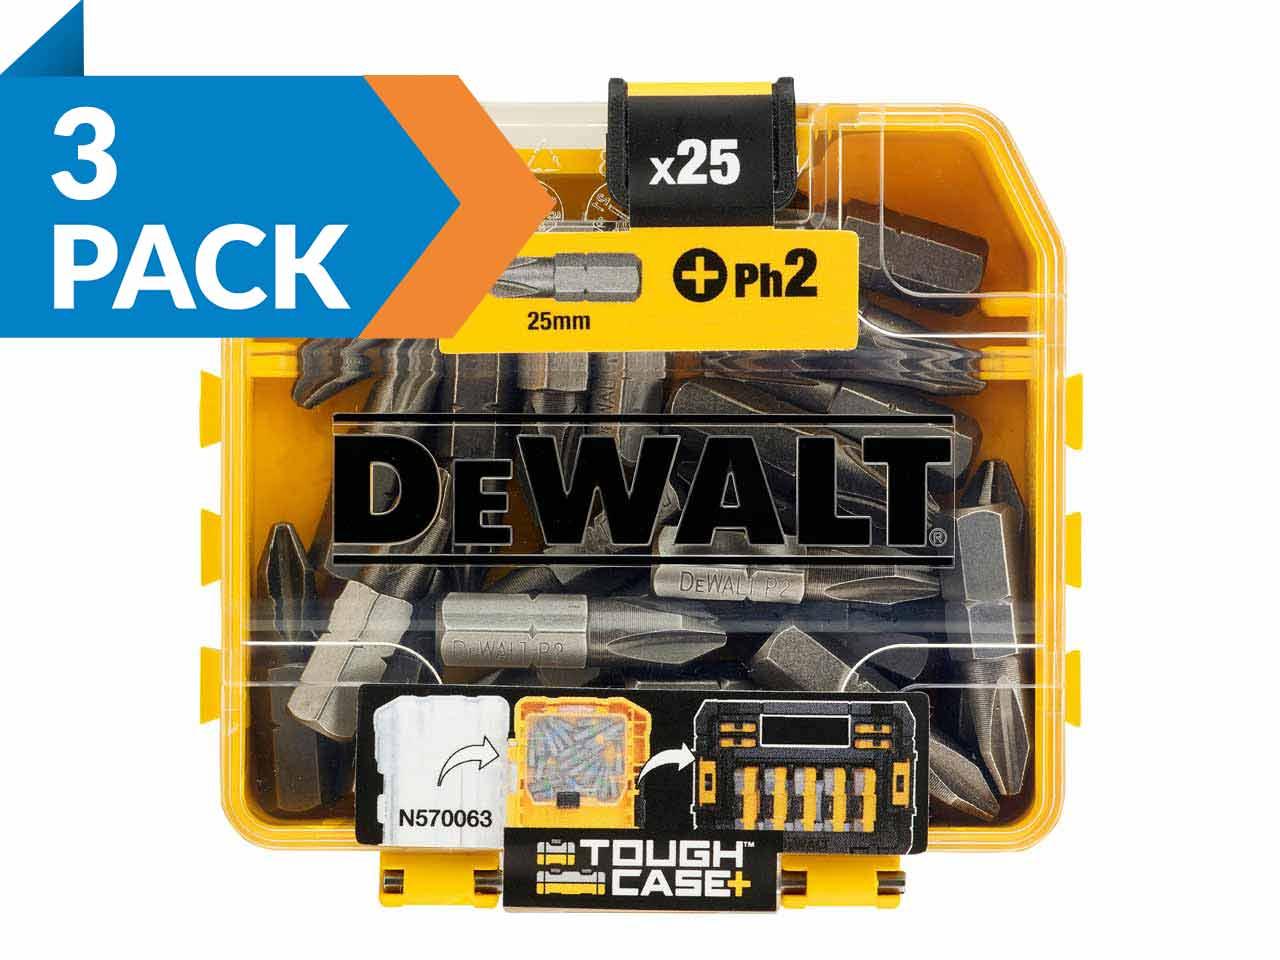 Dewalt_DT71522x3v2.jpg